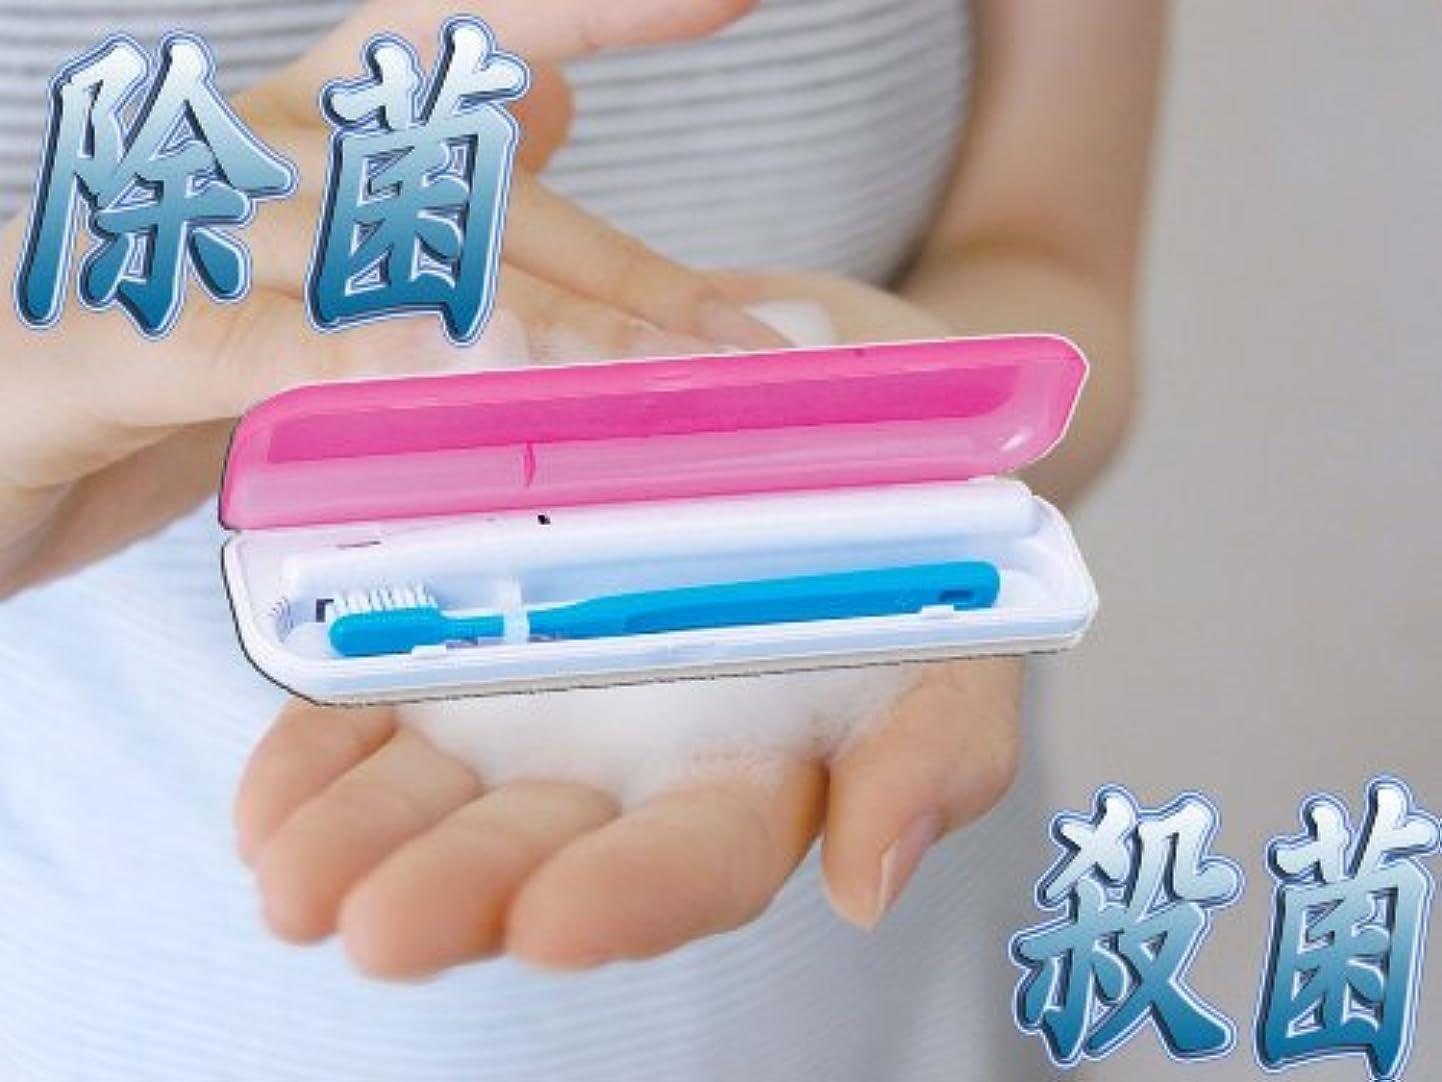 コモランマ熱狂的な借りる歯ブラシの隅々まで殺菌&除菌!! 除菌歯ブラシ 携帯ケース 電池式 15408